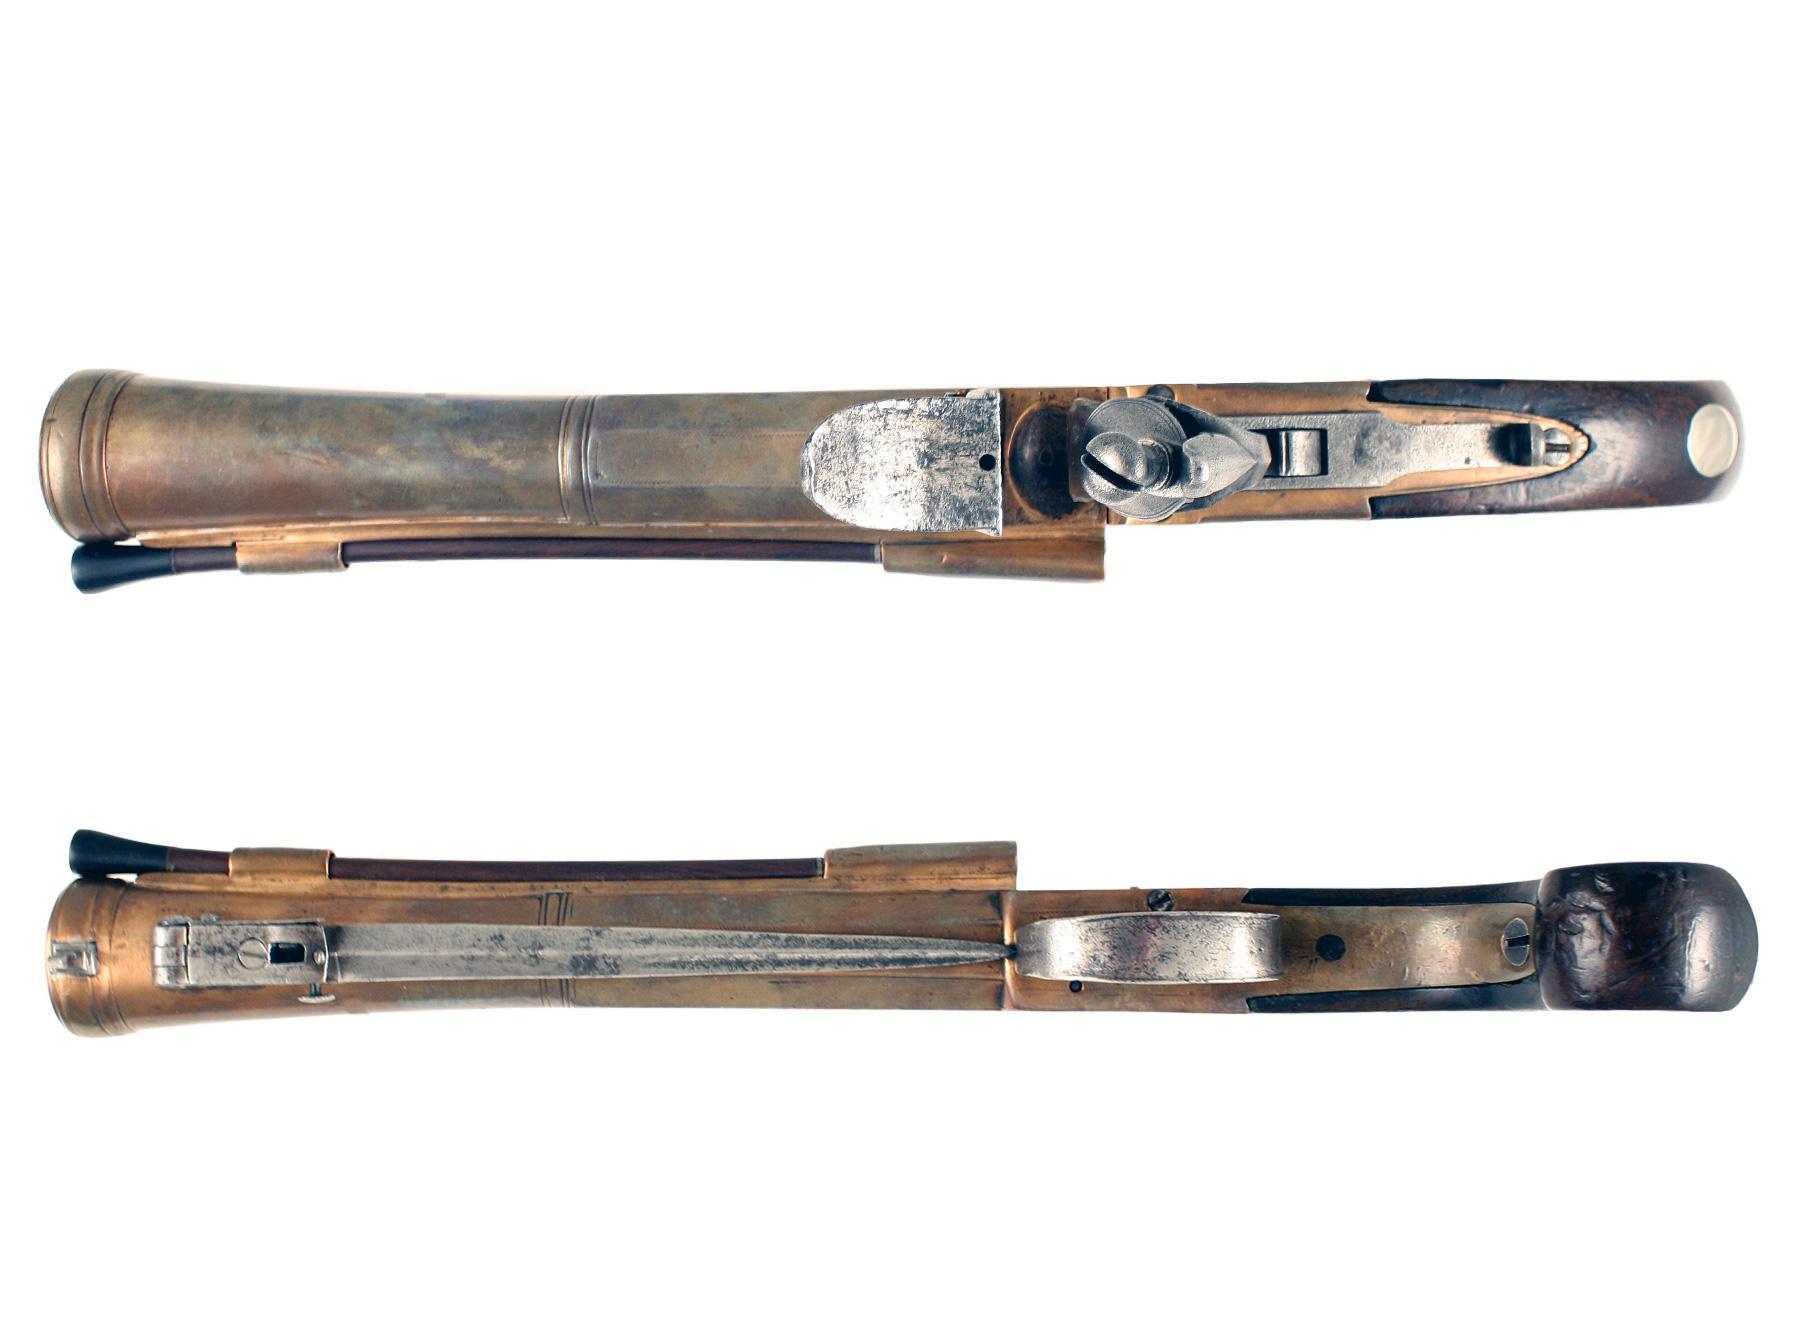 A Flintlock Blunderbuss Pistol by Wheeler